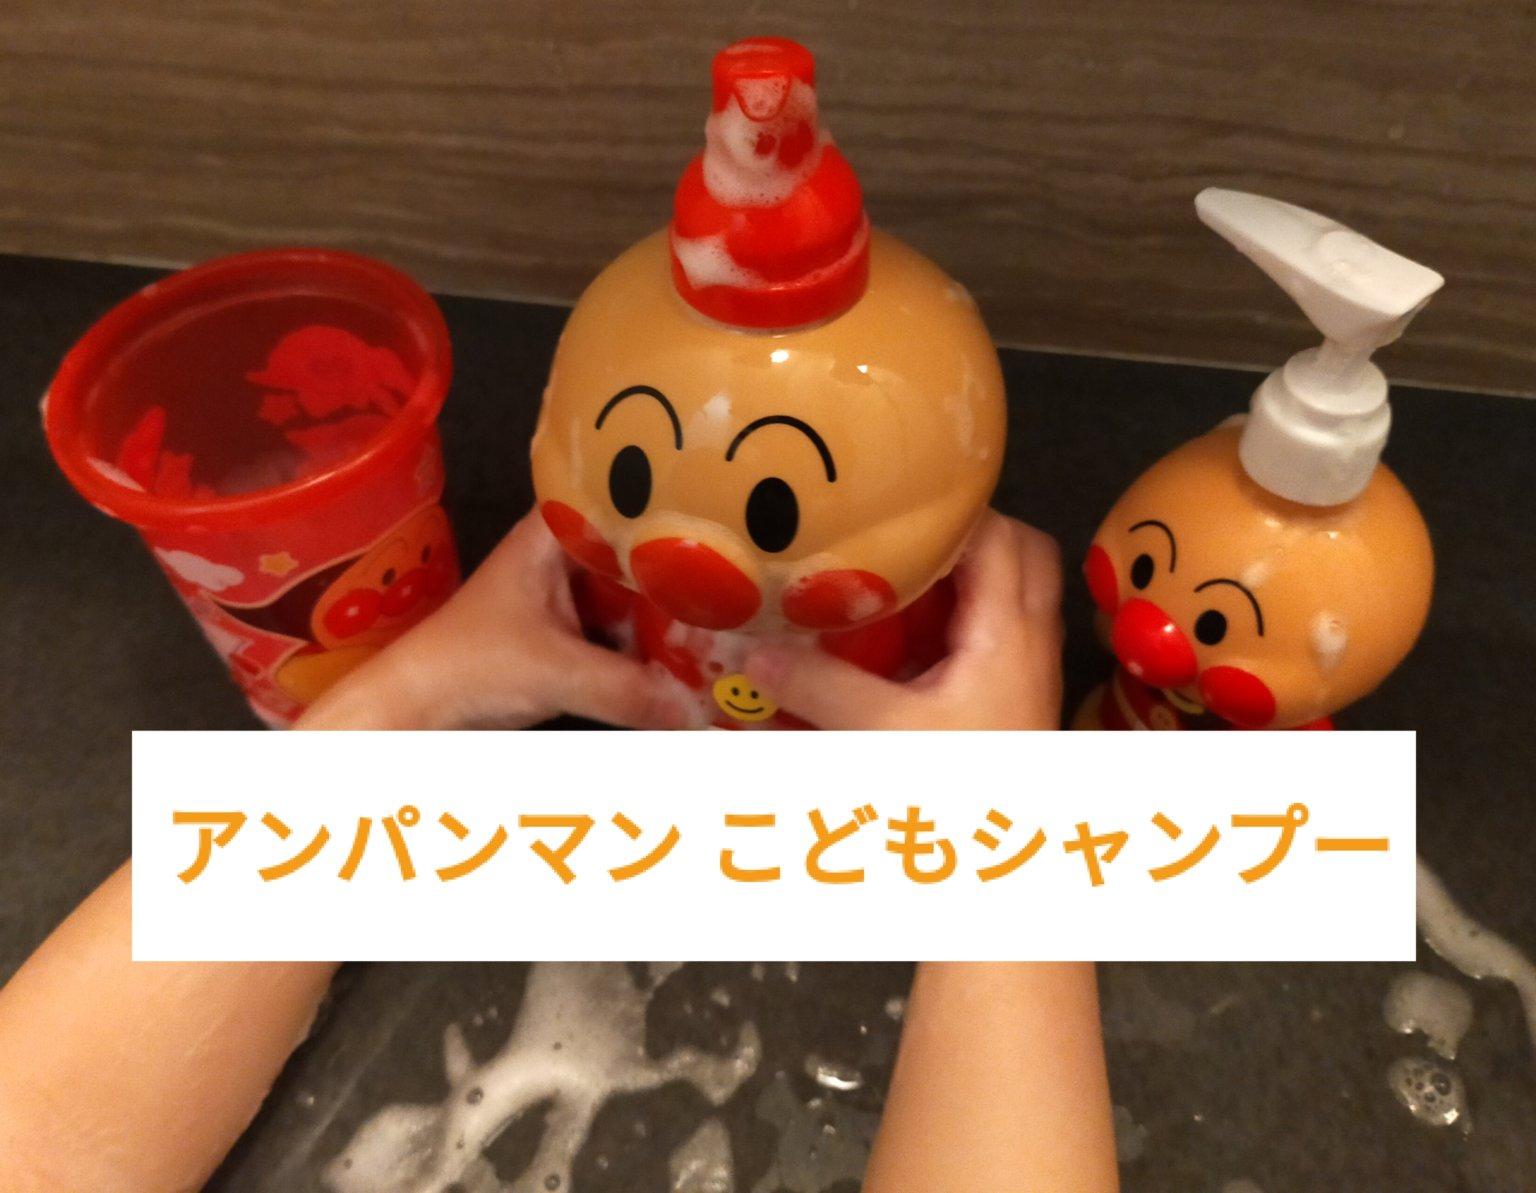 【アンパンマン】泡ポンプタイプのこどもシャンプー♪かわいいボトルで楽しいお風呂タイム♪【レビュー】